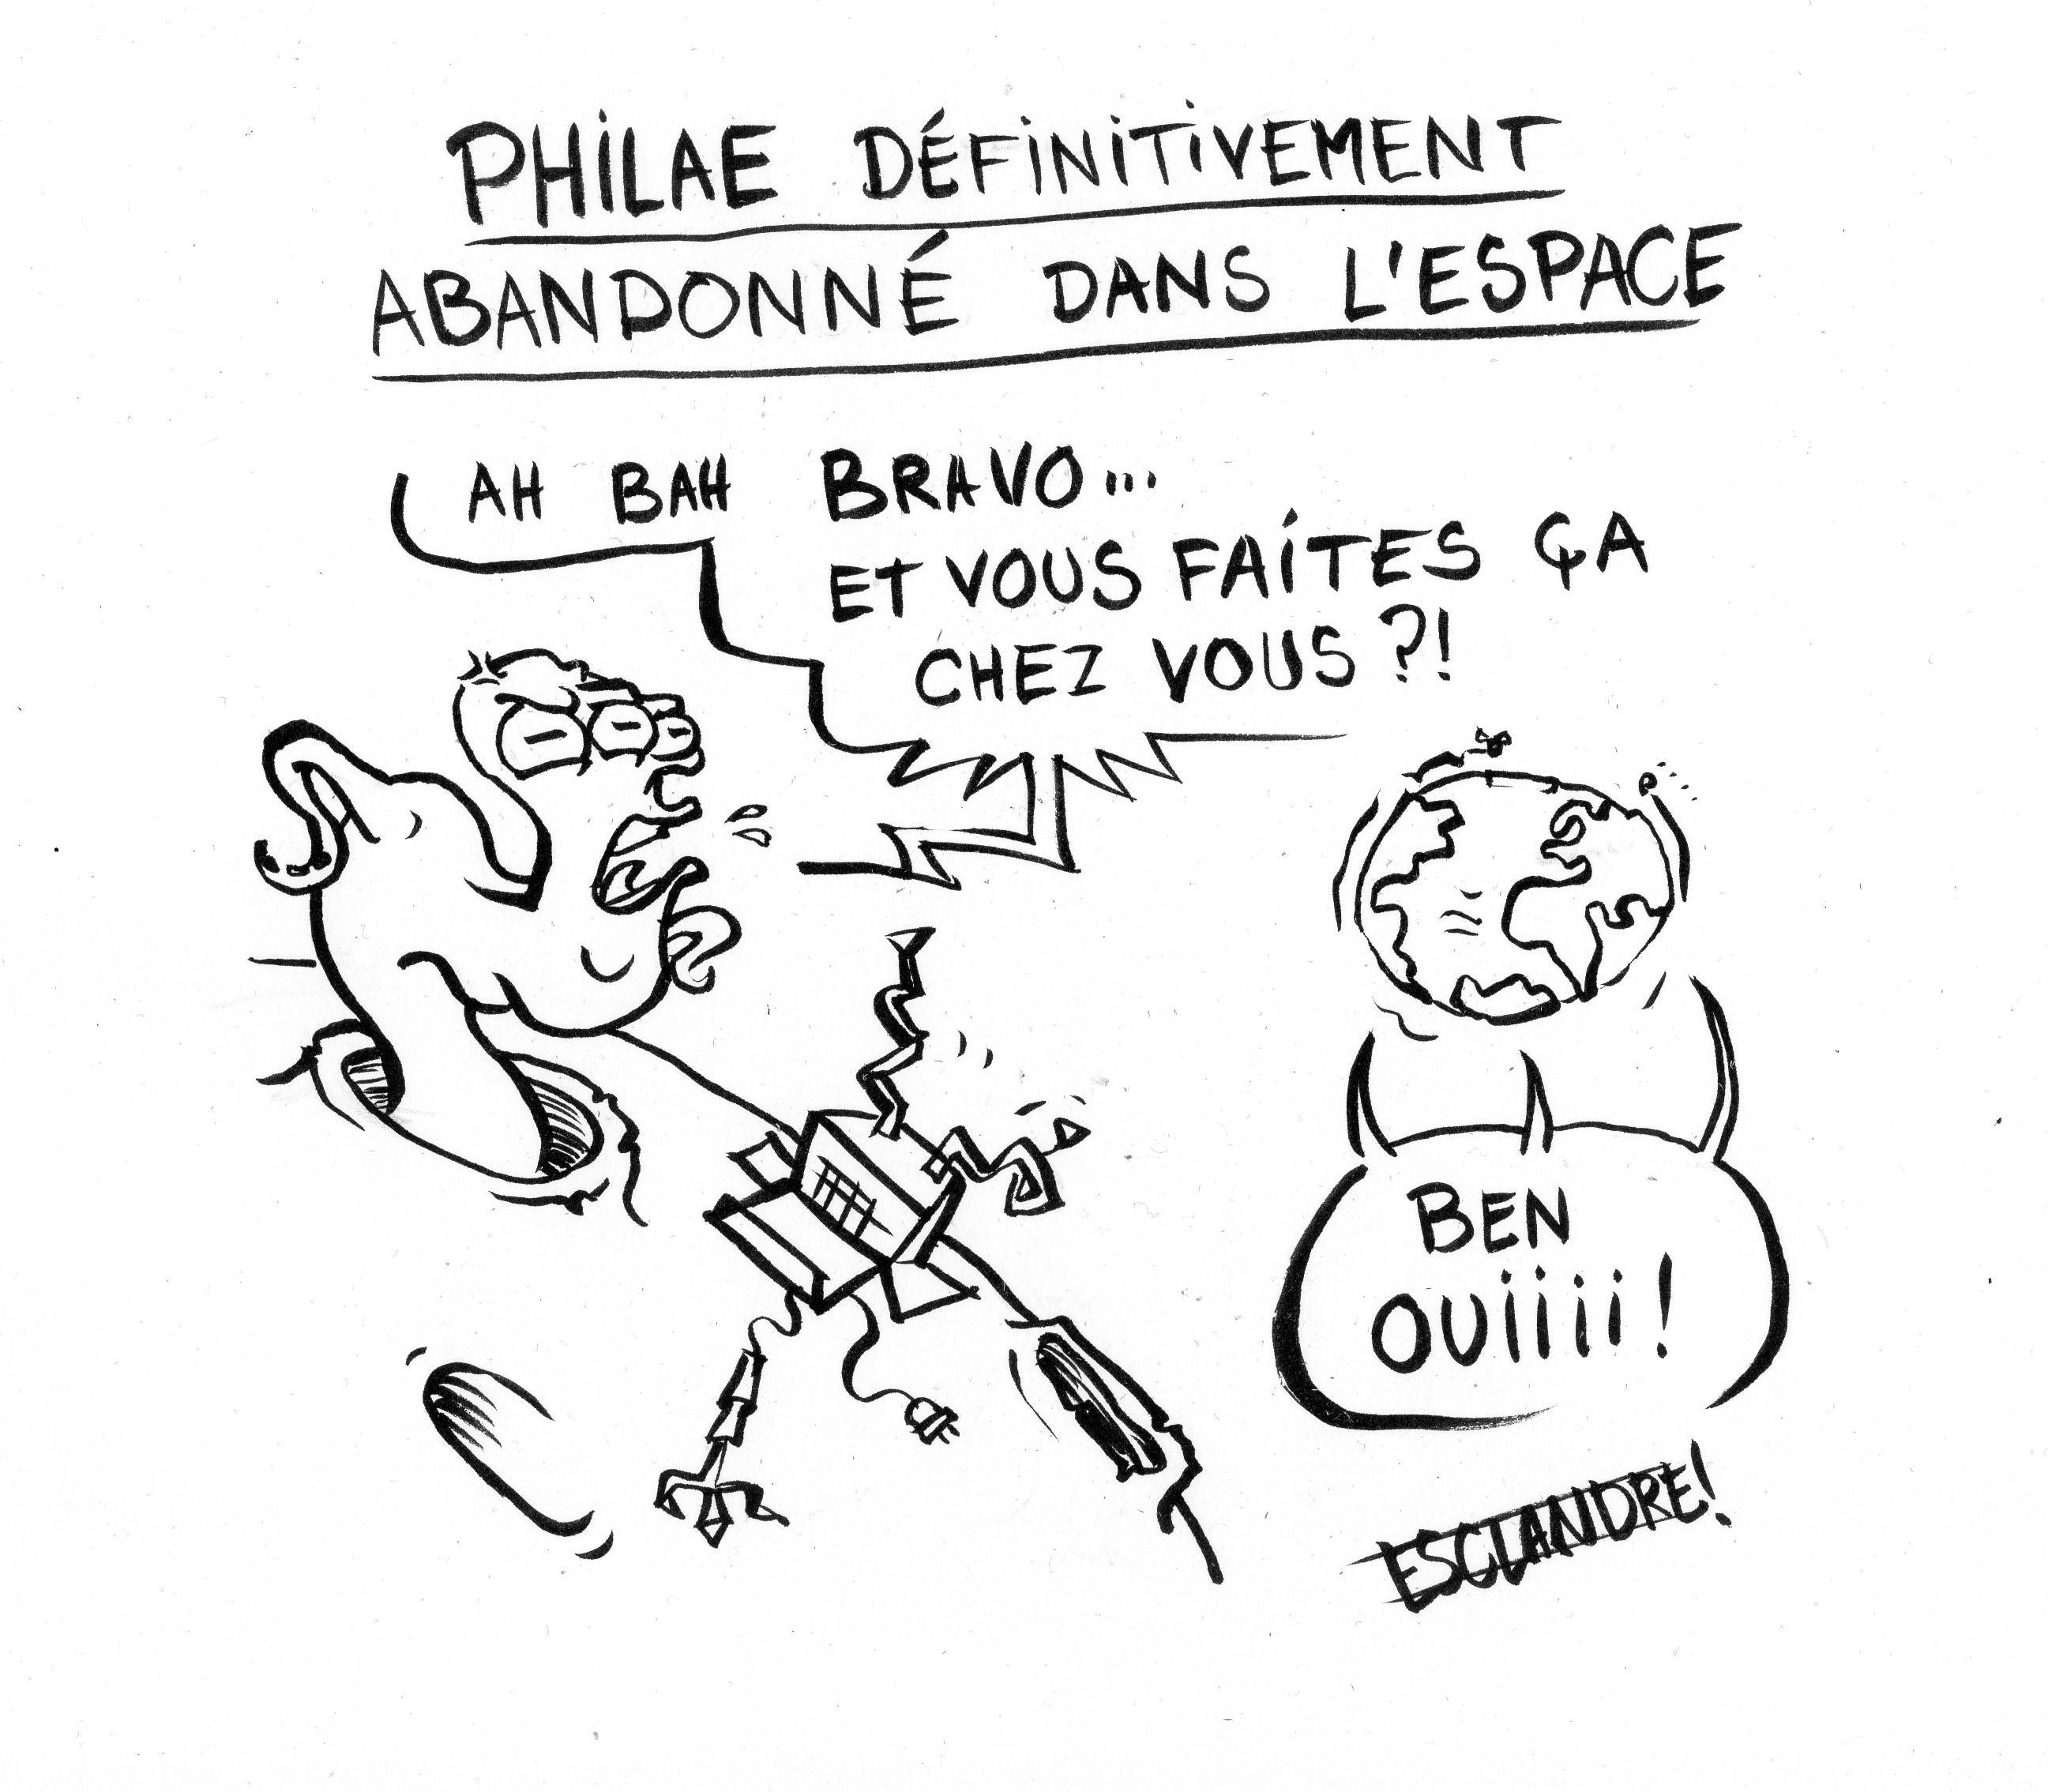 Philae définitivement abandonné dans l'espace